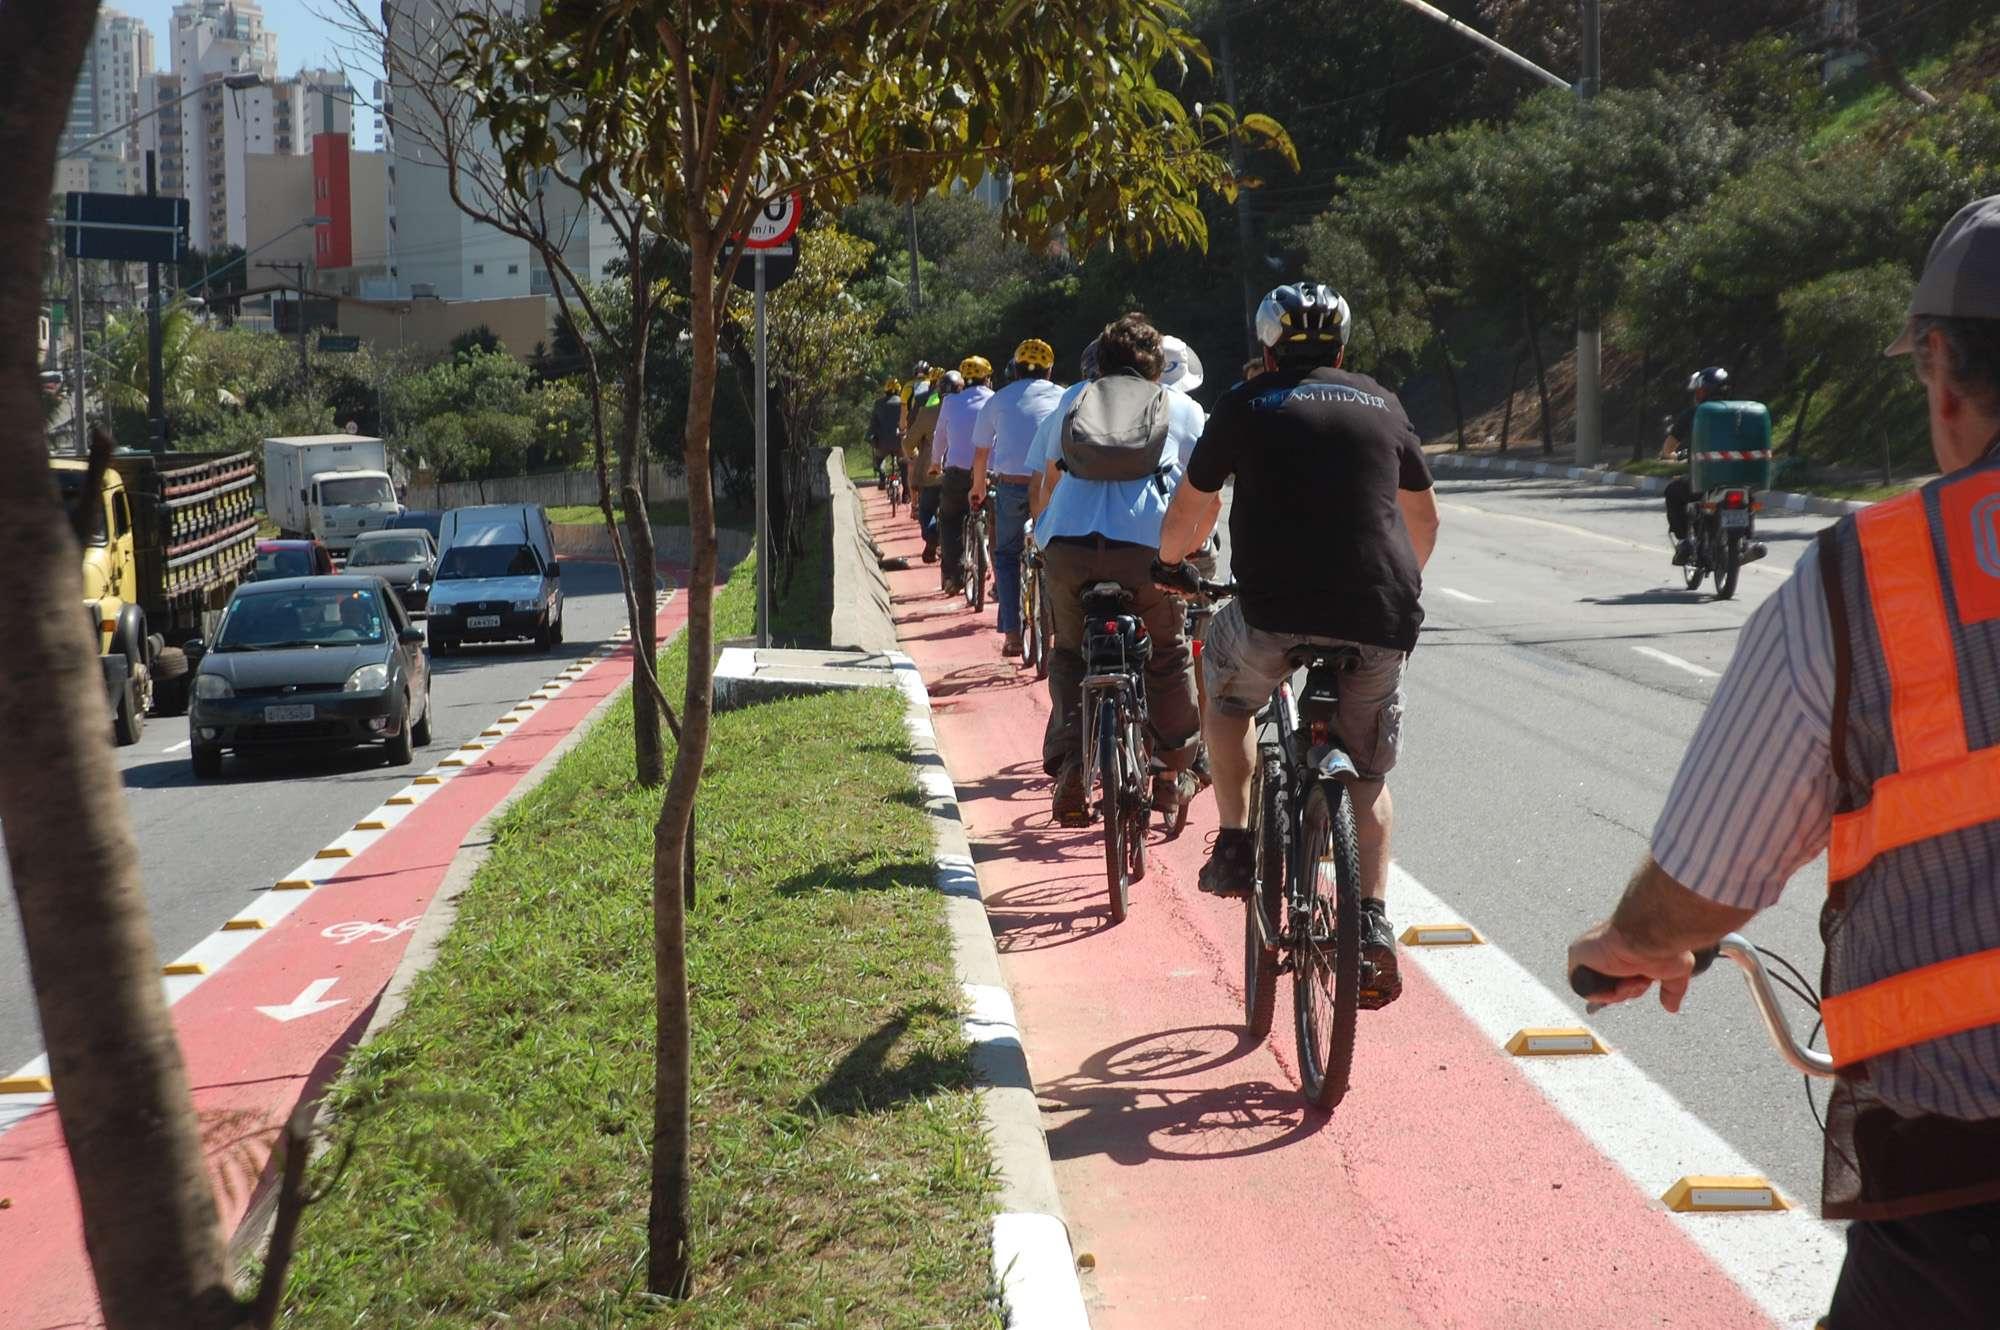 Em pesquisa, paulistanos responderam apoiar a criação de mais ciclovias Foto: Luiz Guadagnoli/Secom/Divulgação